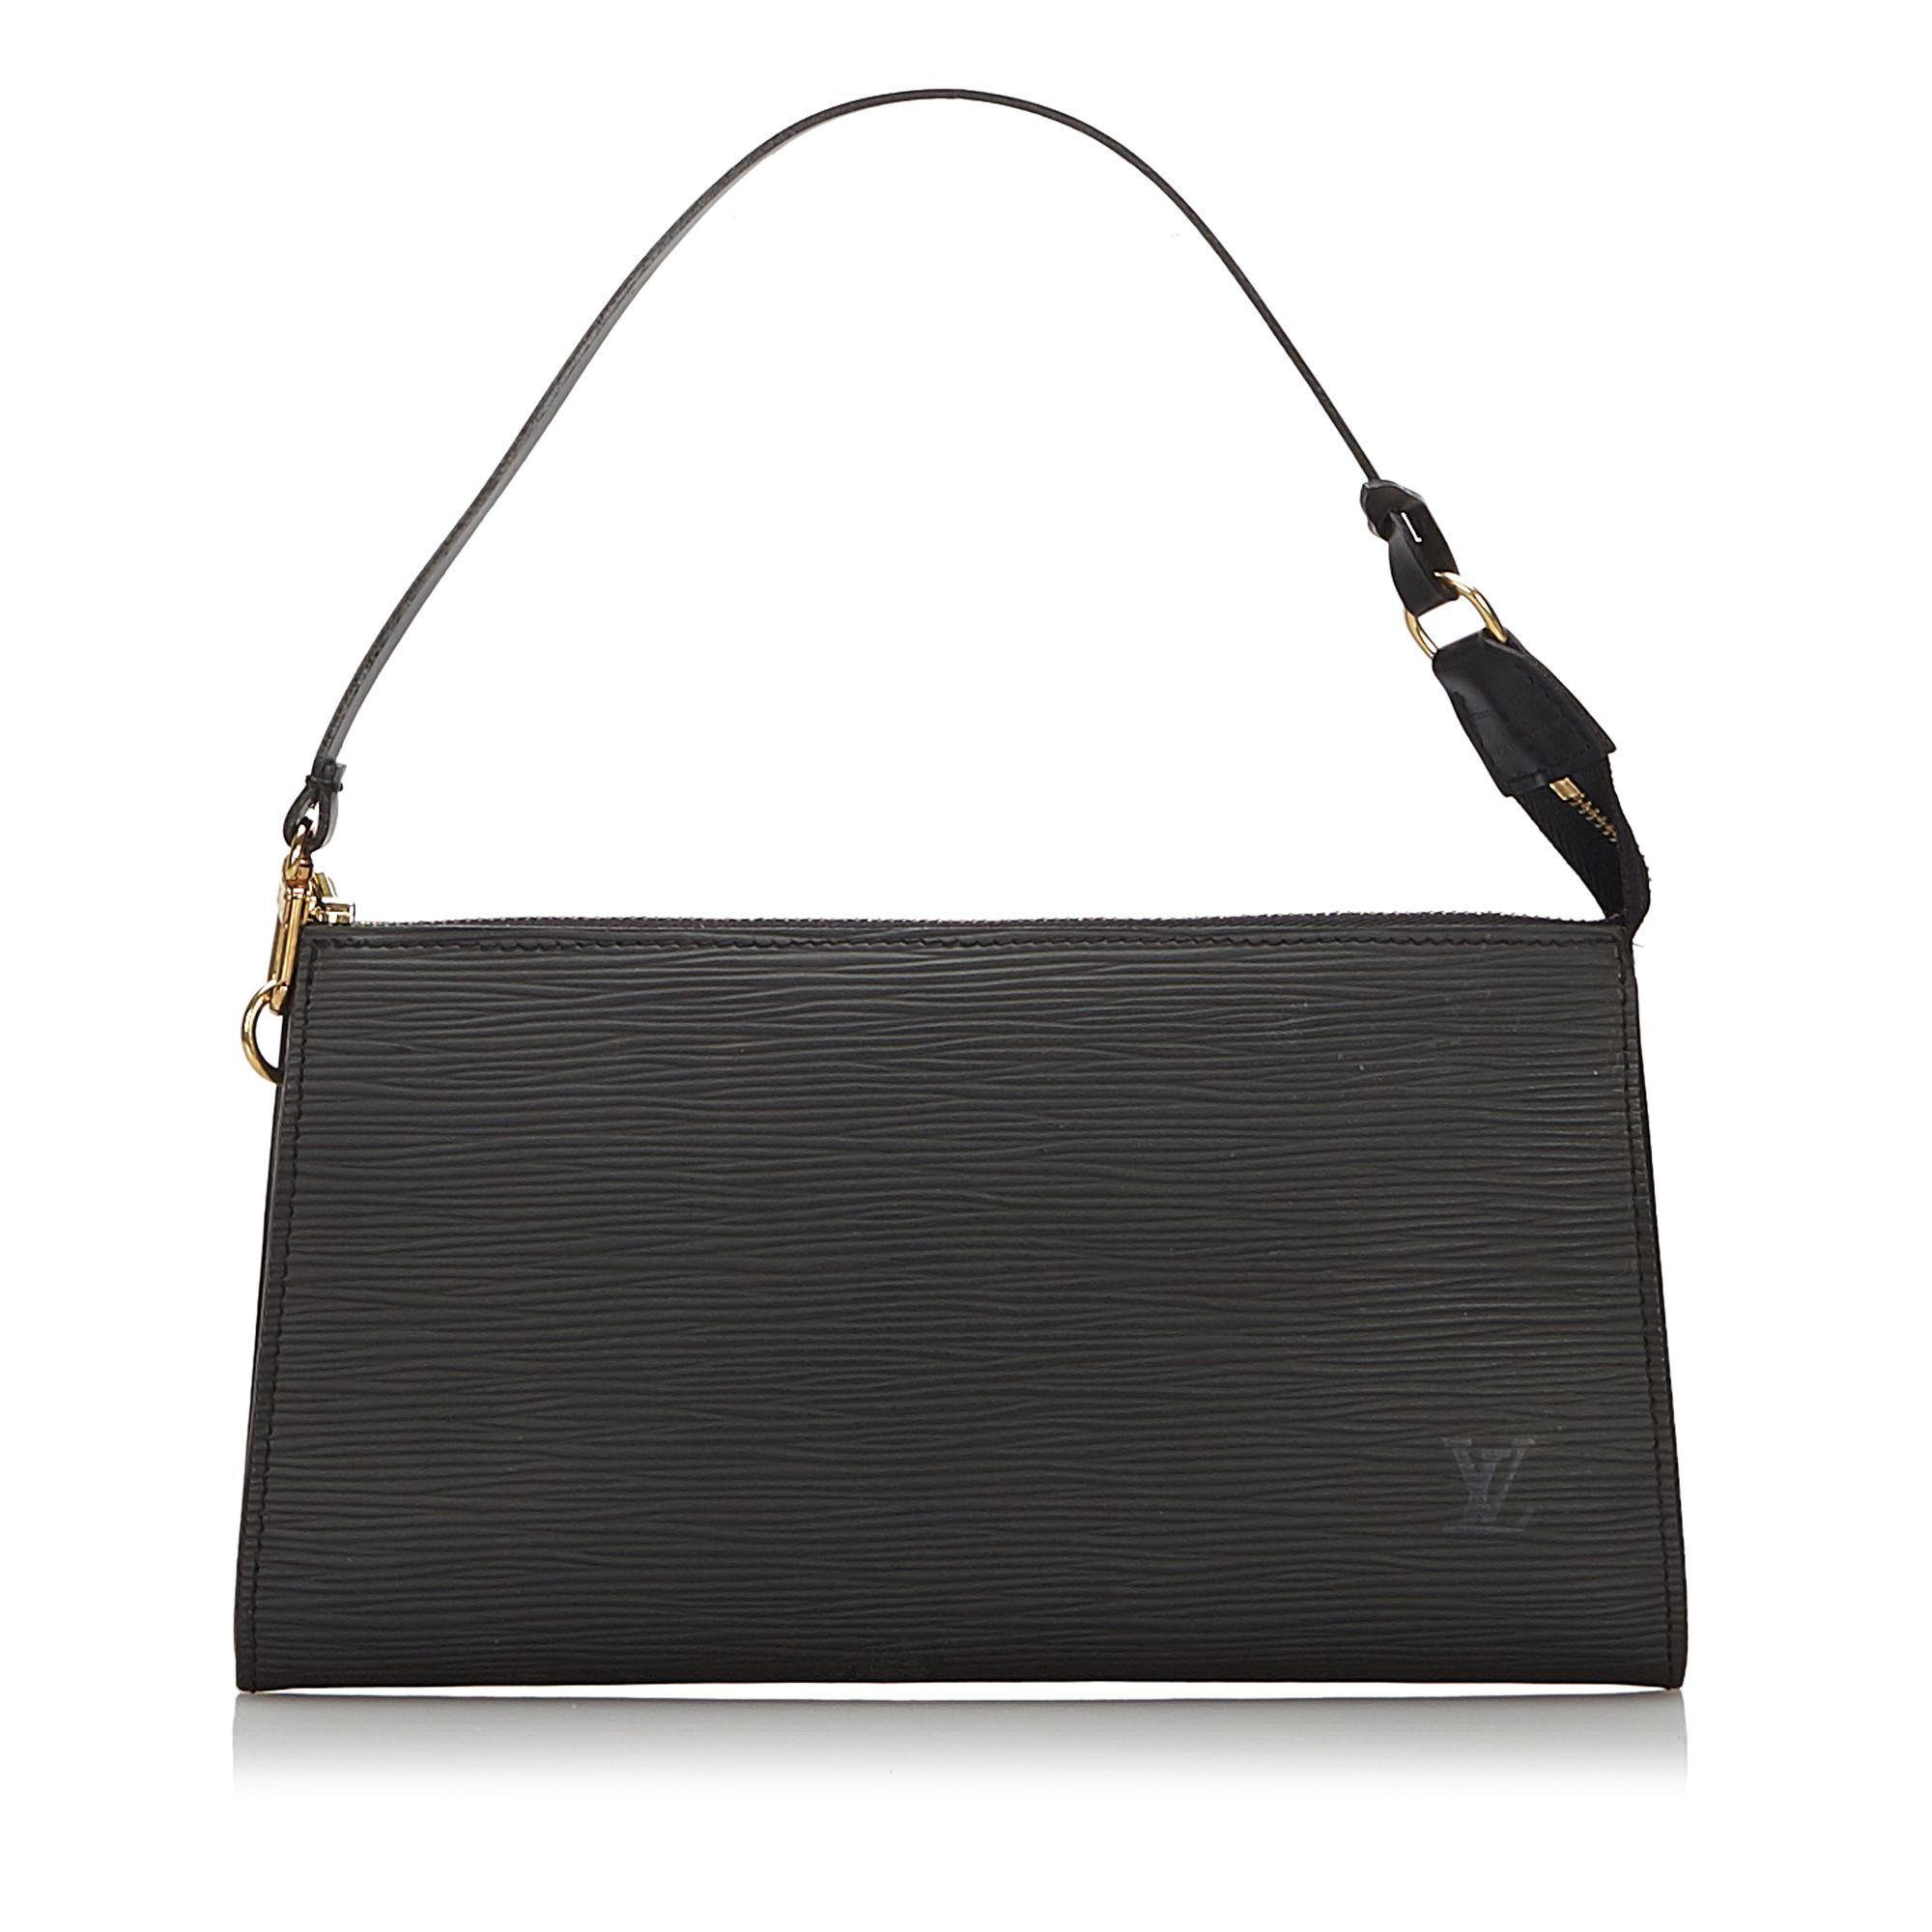 Vintage Louis Vuitton Epi Pochette Accessoires Black